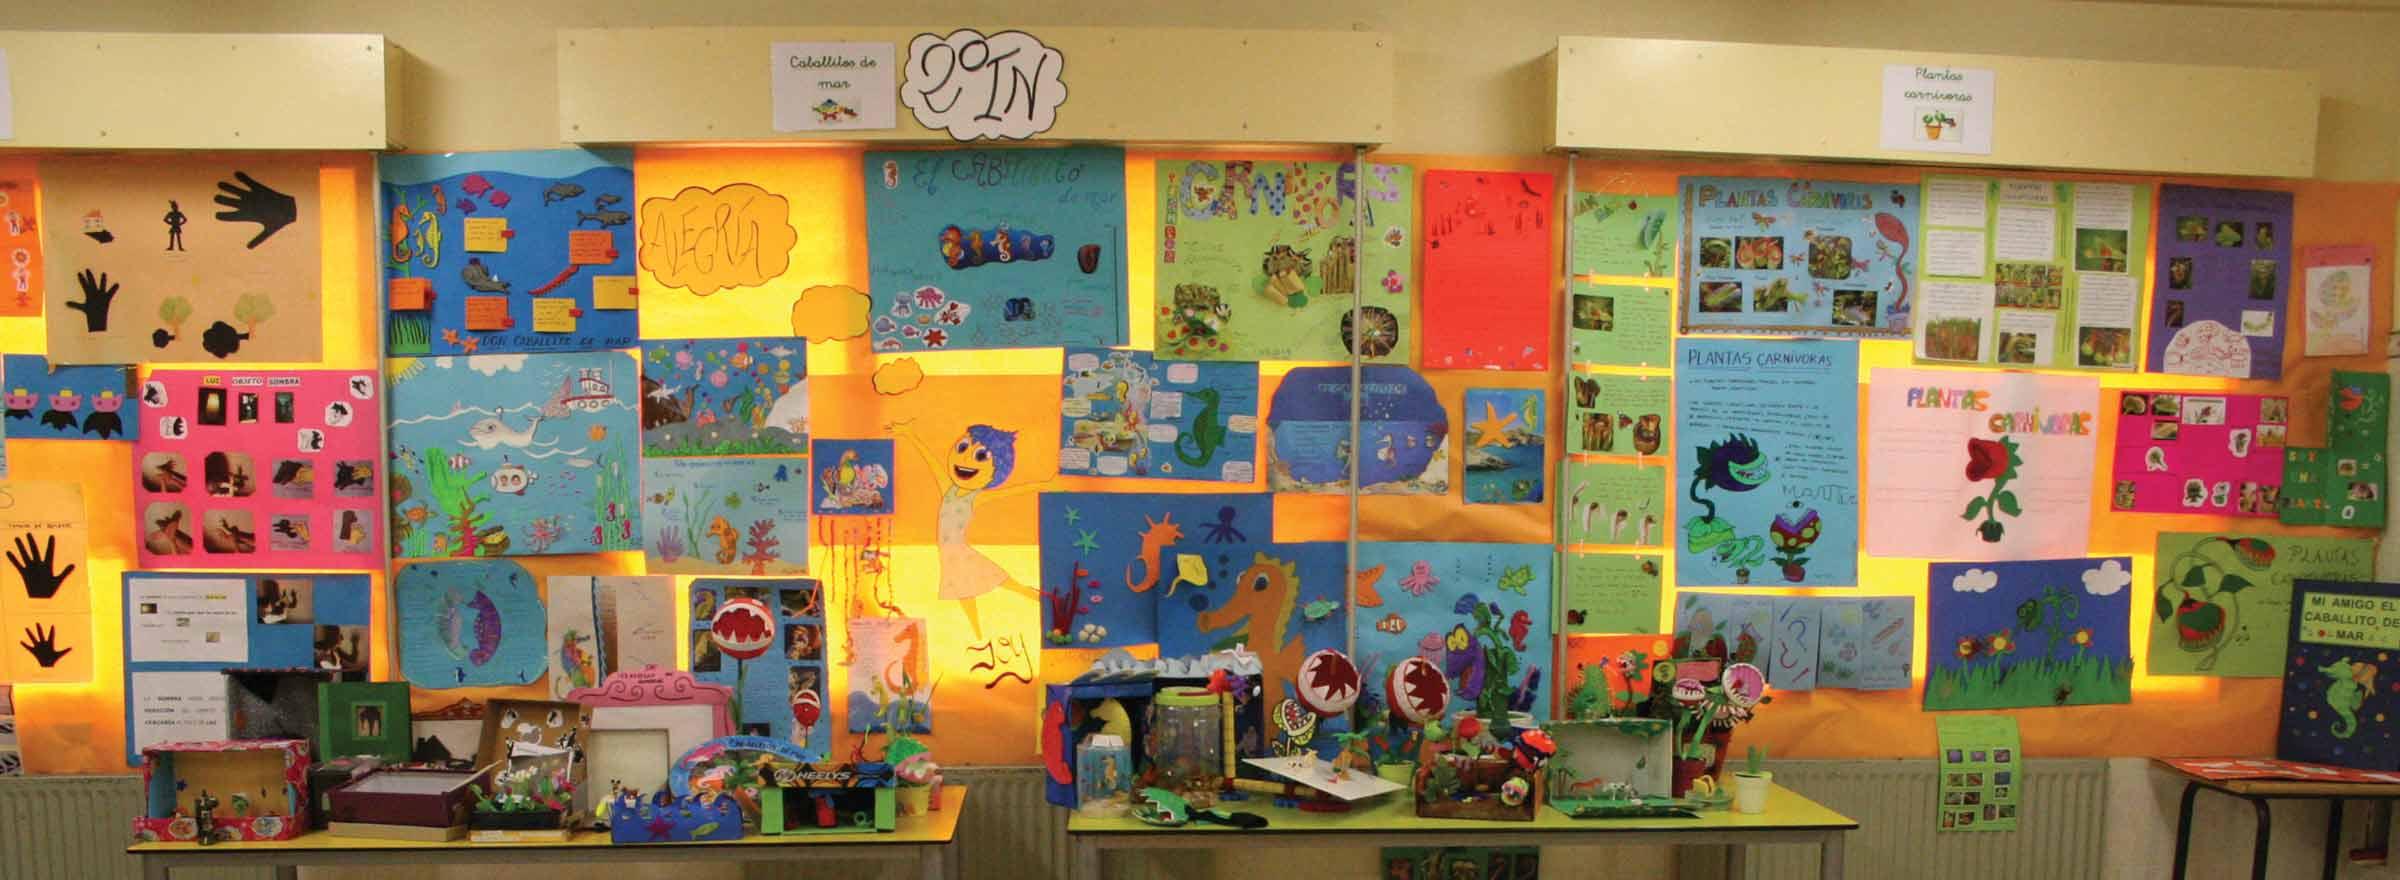 a children's art fair sponsored by la Fundacion Cristo Rey